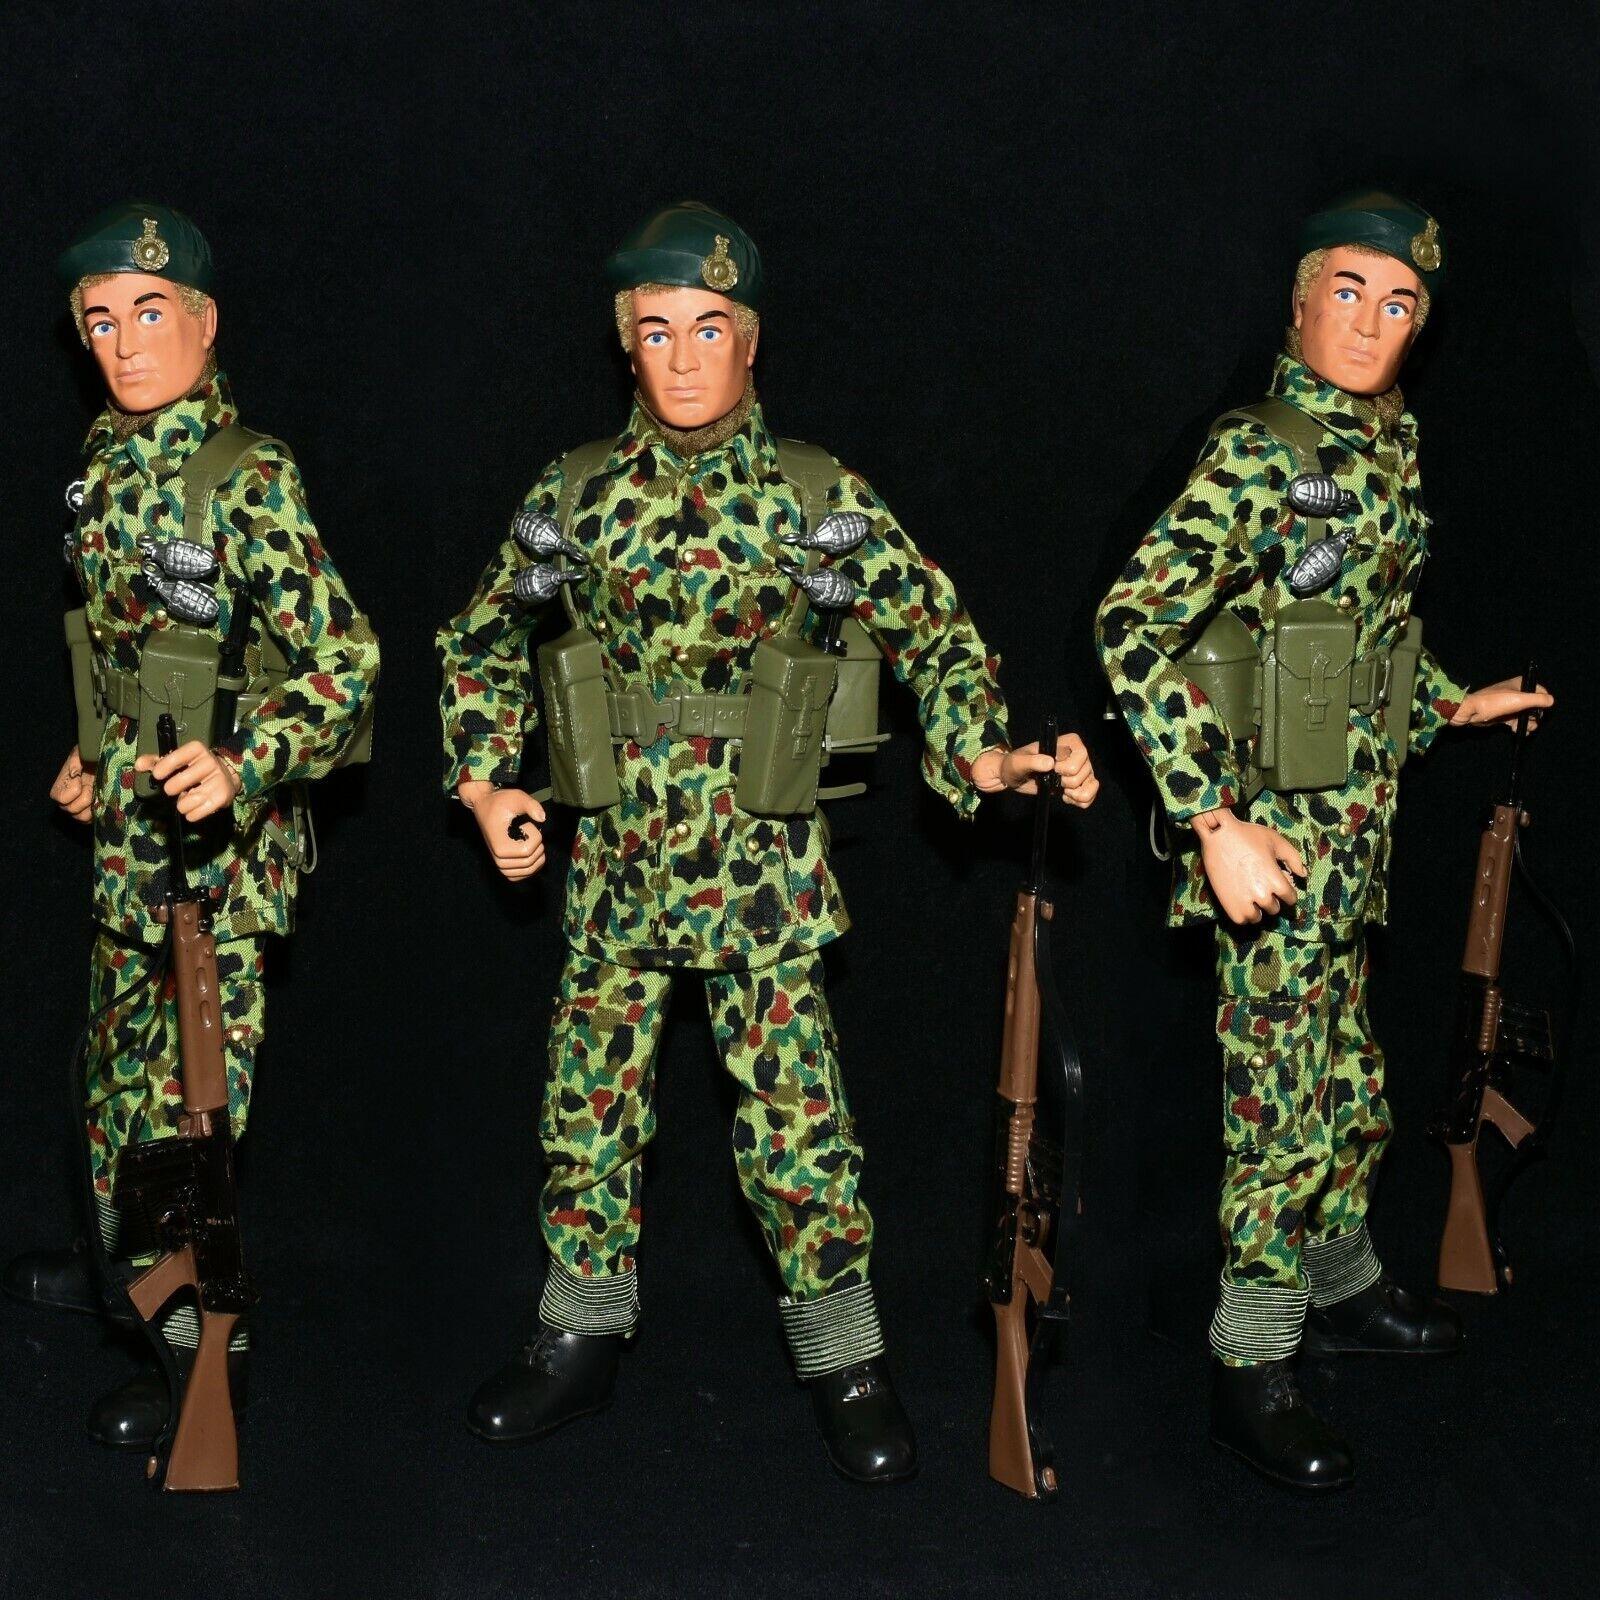 Acción Man Vam PaliJuguete sin usar perfecto combate Marina Real 12  figura c1980-84